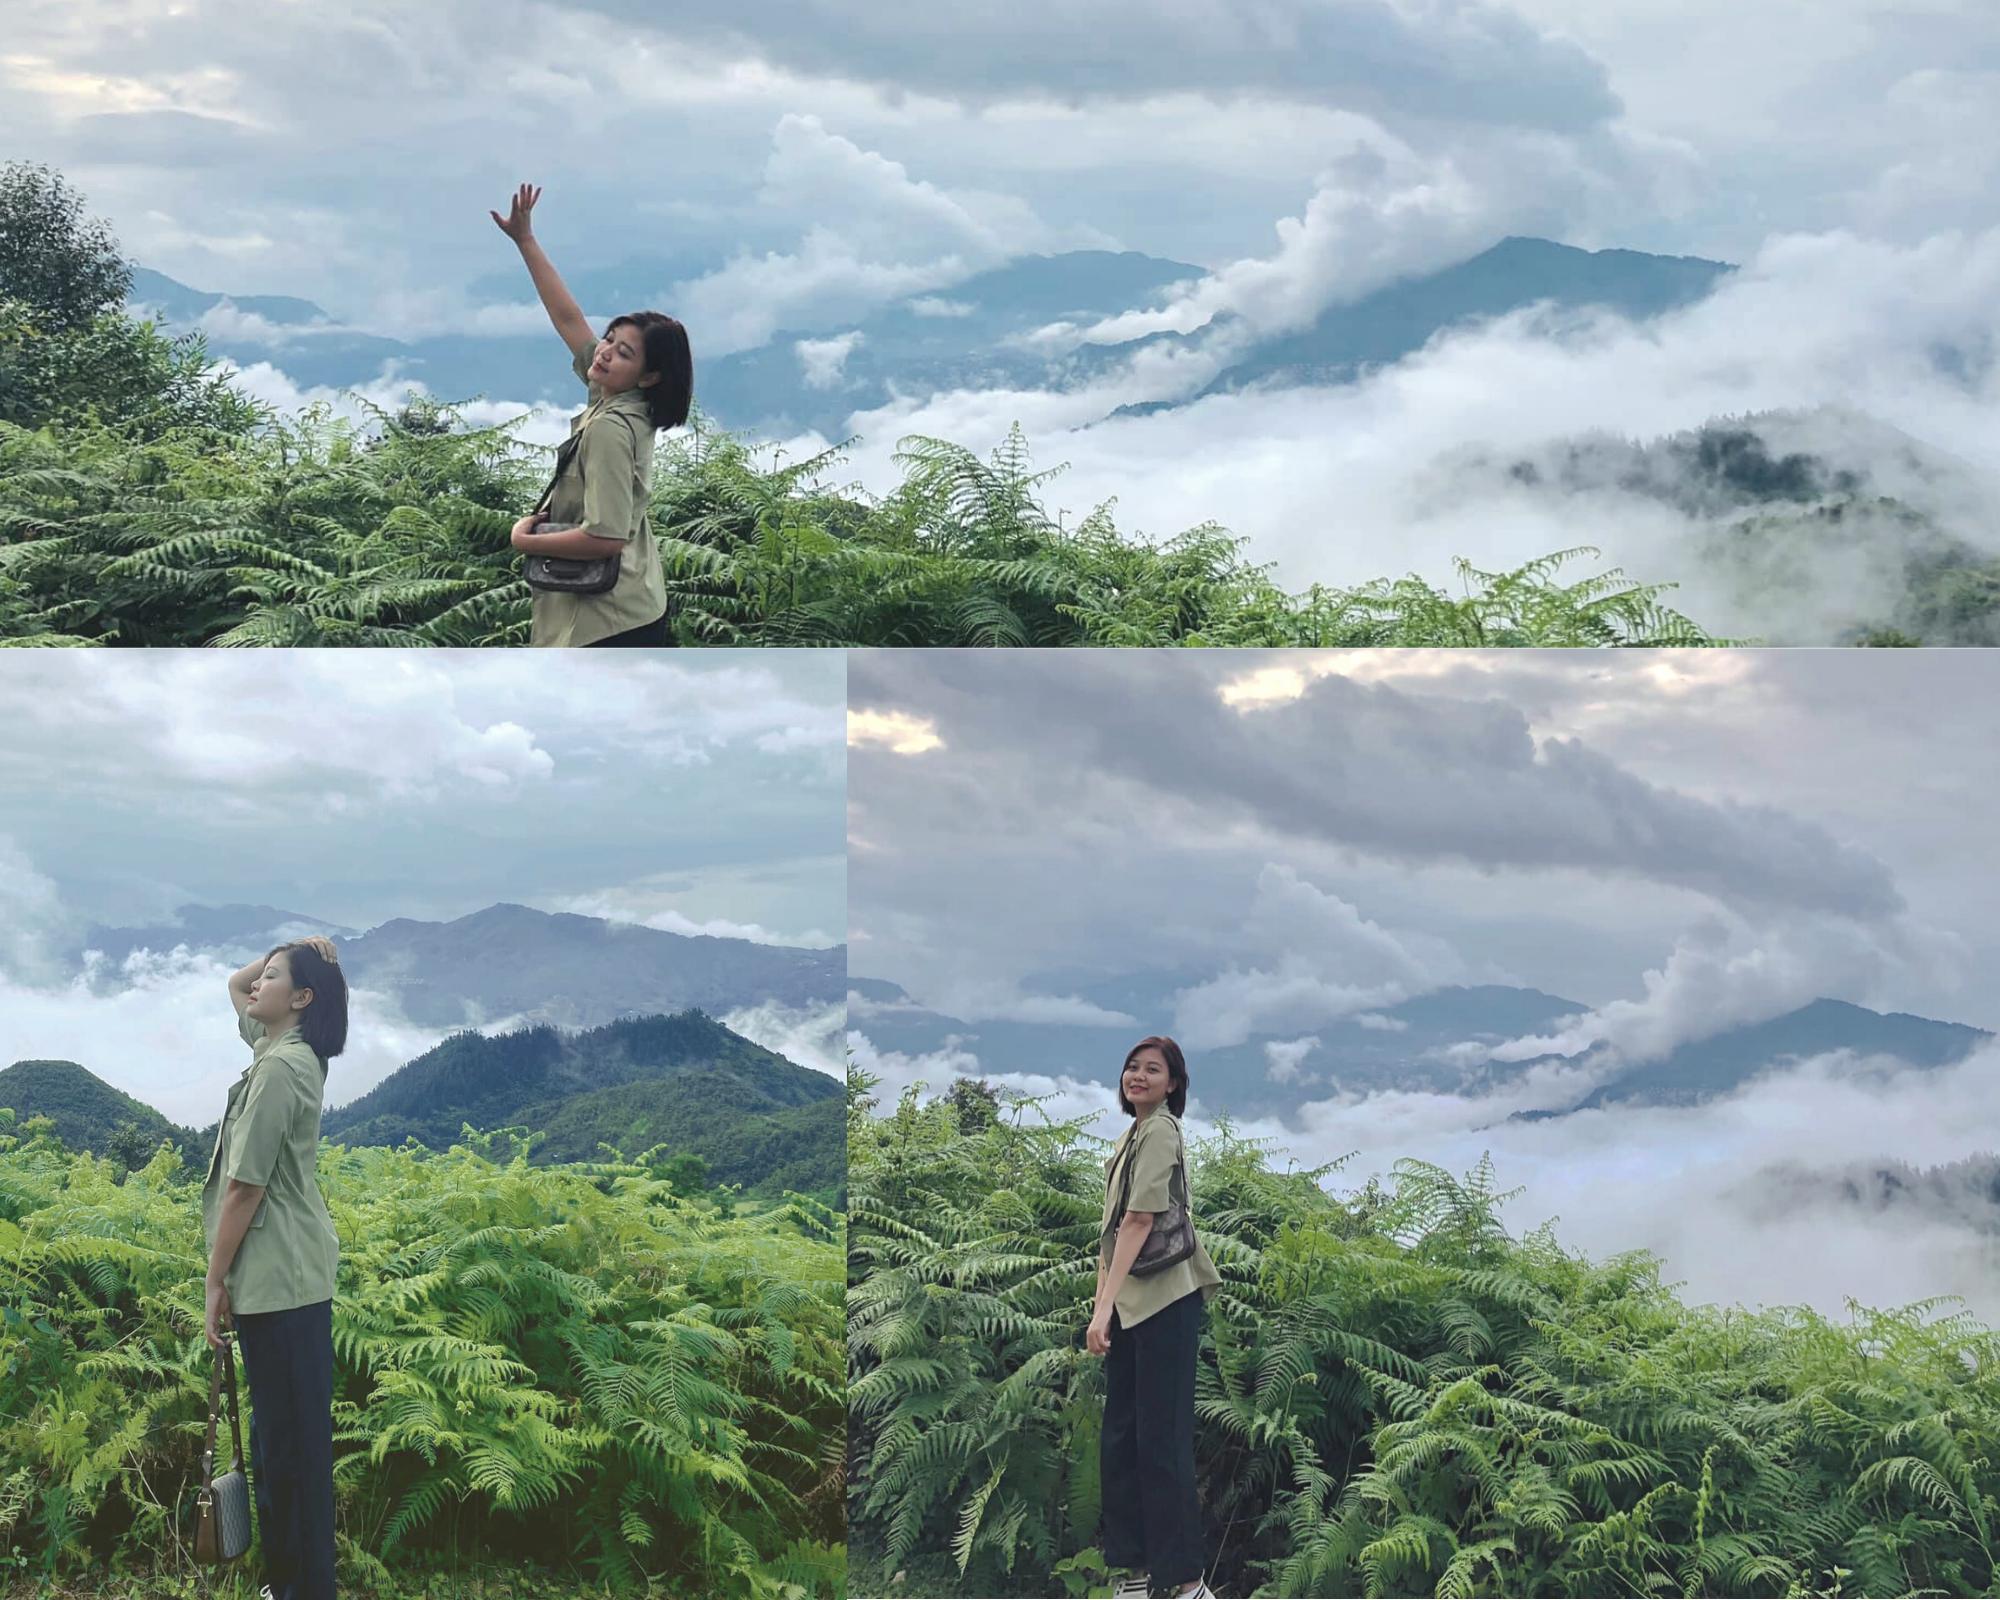 Sapa là địa điểm du lịch yêu thích các bạn trẻ tìm đến săn mây